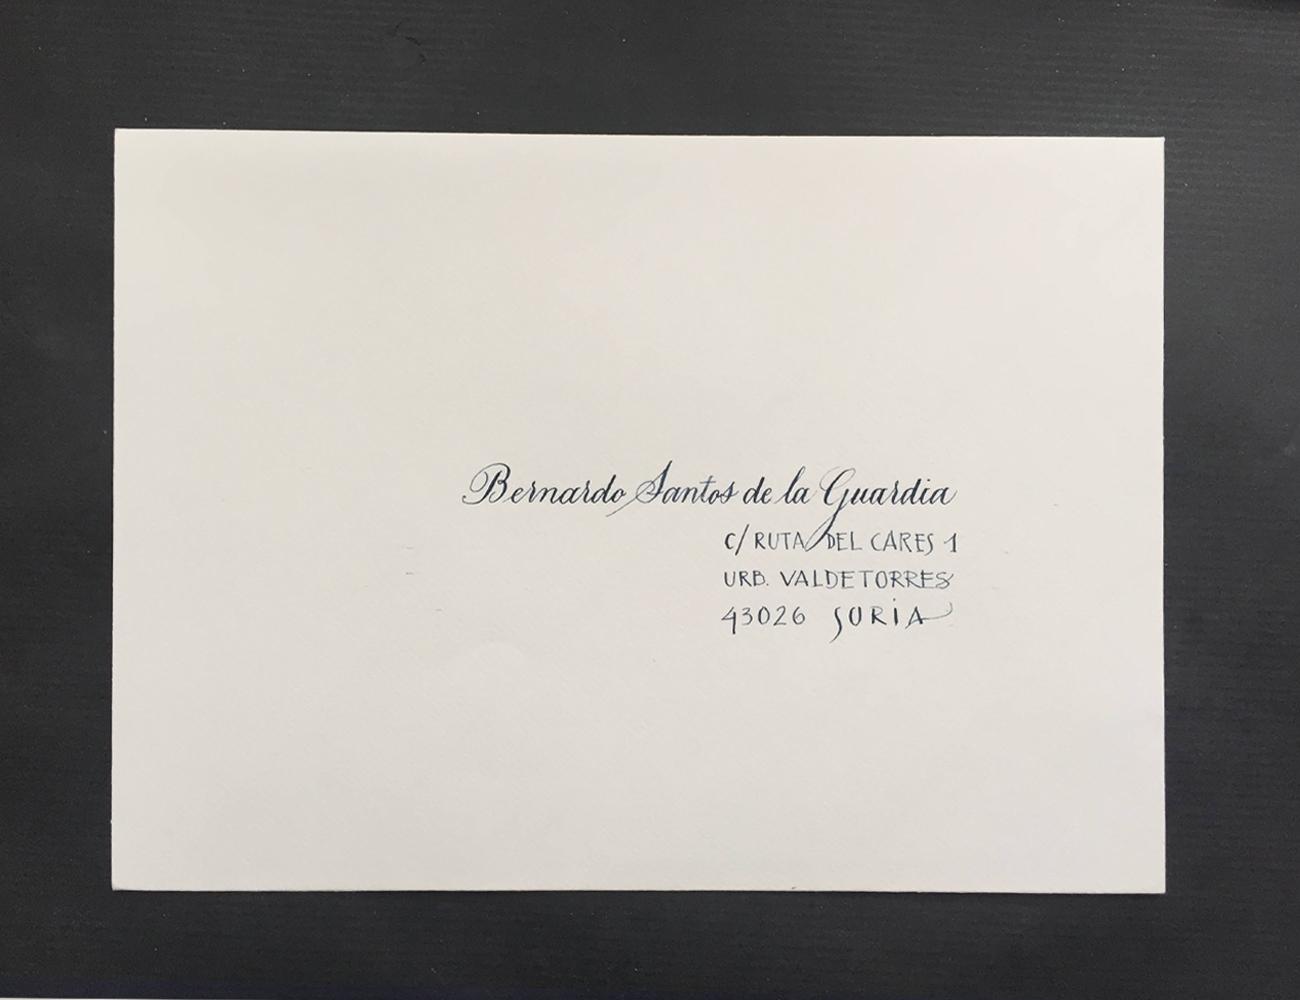 Inglesa Clásica - Goyo Valmorisco, Calígrafo profesional. Profesor de caligrafía. Diseño caligráfico.